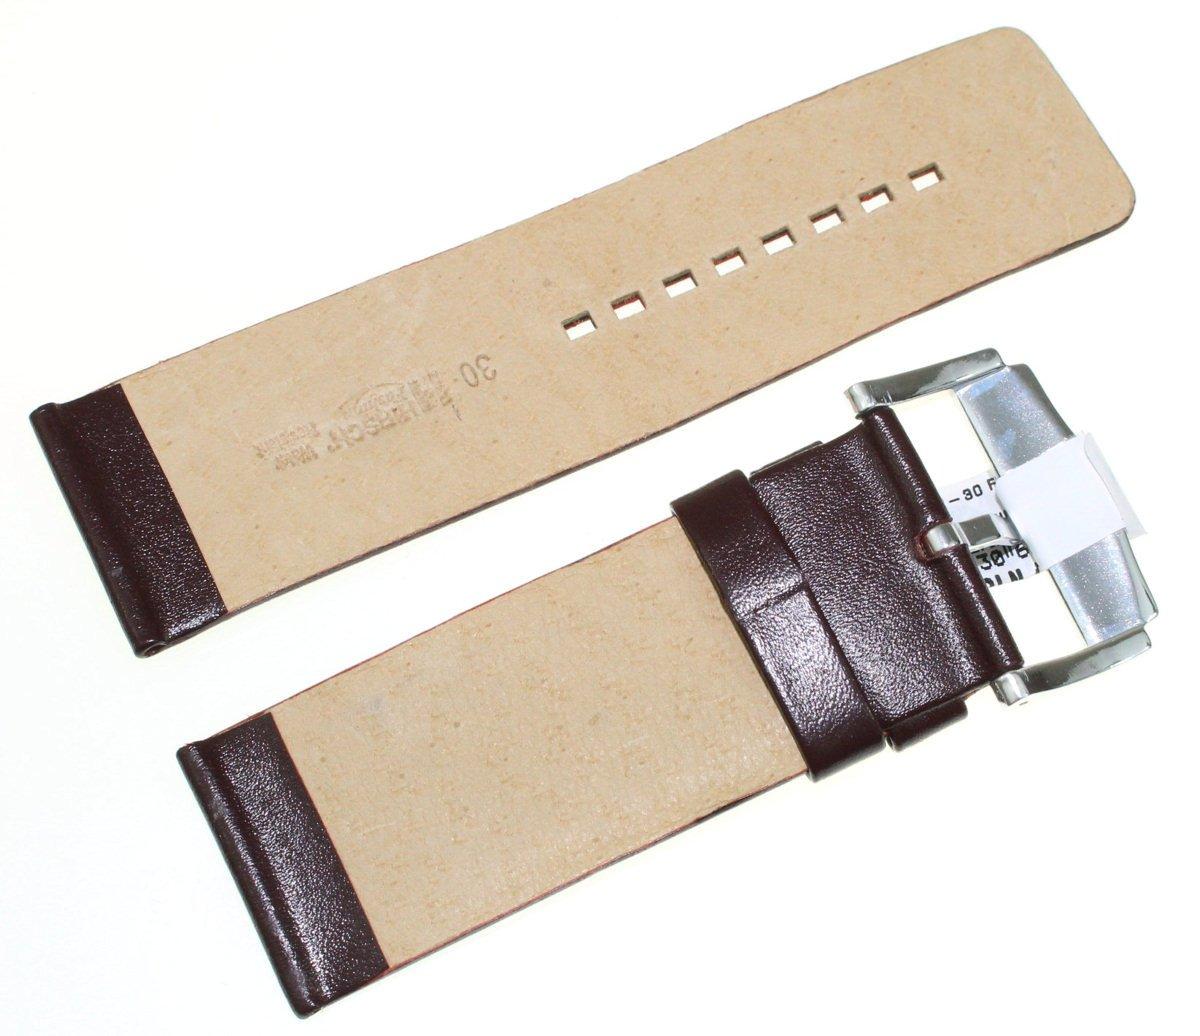 438c76f83a4c89 ... Skórzany wodoodporny pasek do zegarka 30 mm HIRSCH Fashion 03102015-2-30  Kliknij, aby powiększyć ...